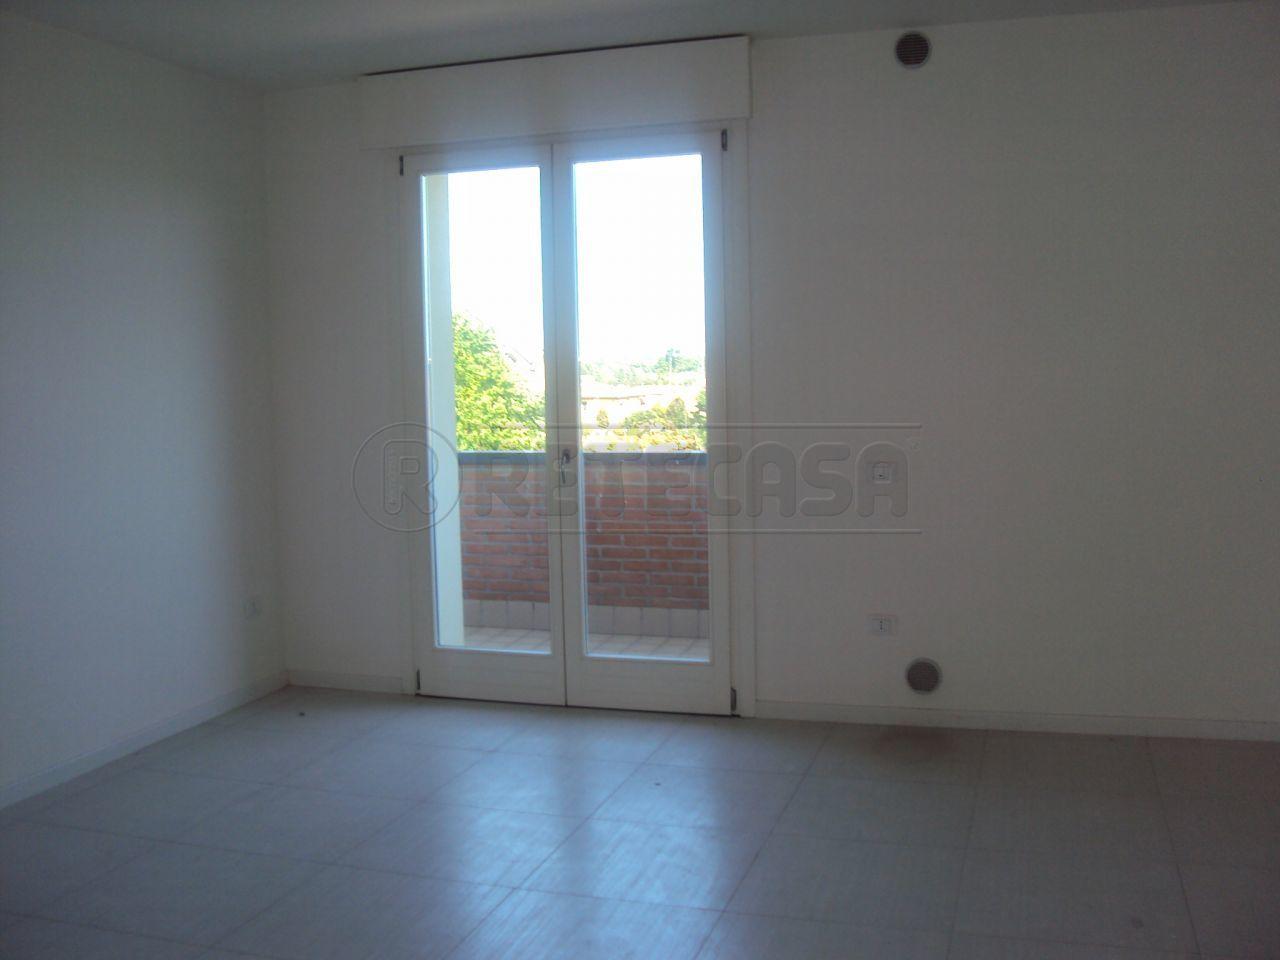 Appartamento in vendita a Campodarsego, 9999 locali, prezzo € 170.000 | Cambio Casa.it